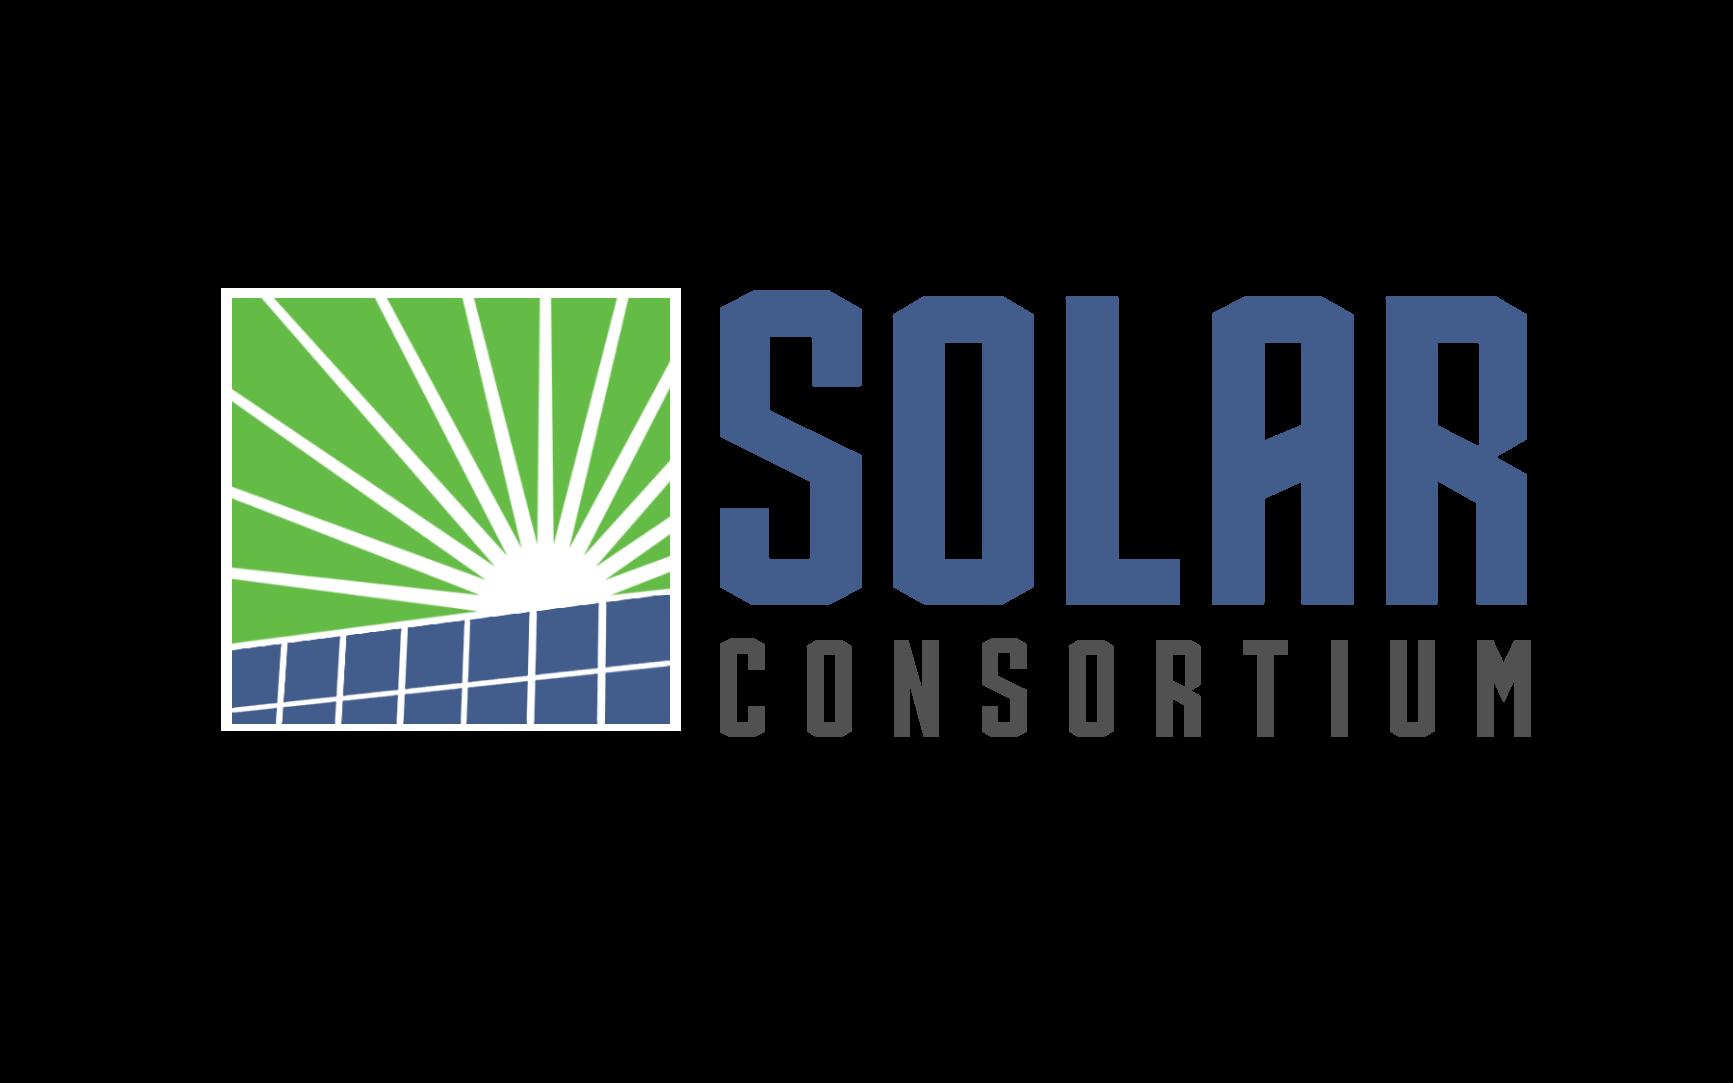 The Solar Consortium